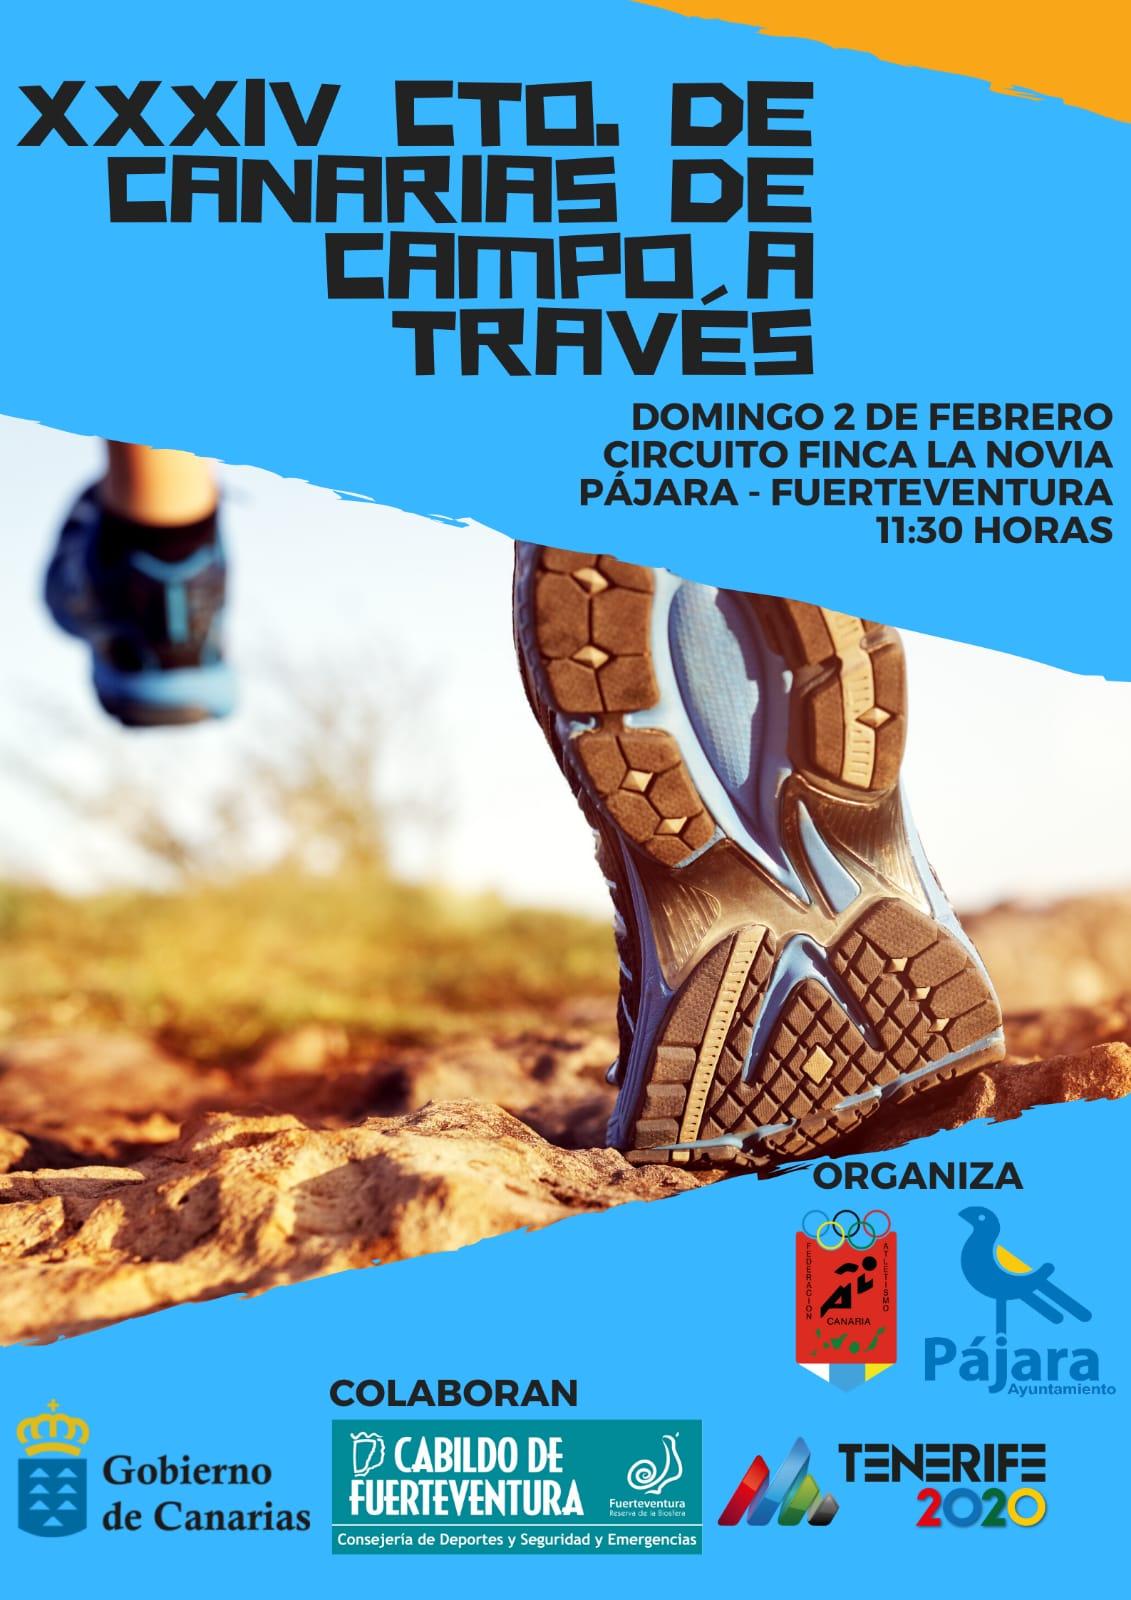 Cerca de 300 atletas se darán cita en el XXXIV Campeonato de Canarias de Campo a Través que se celebrará en Pájara